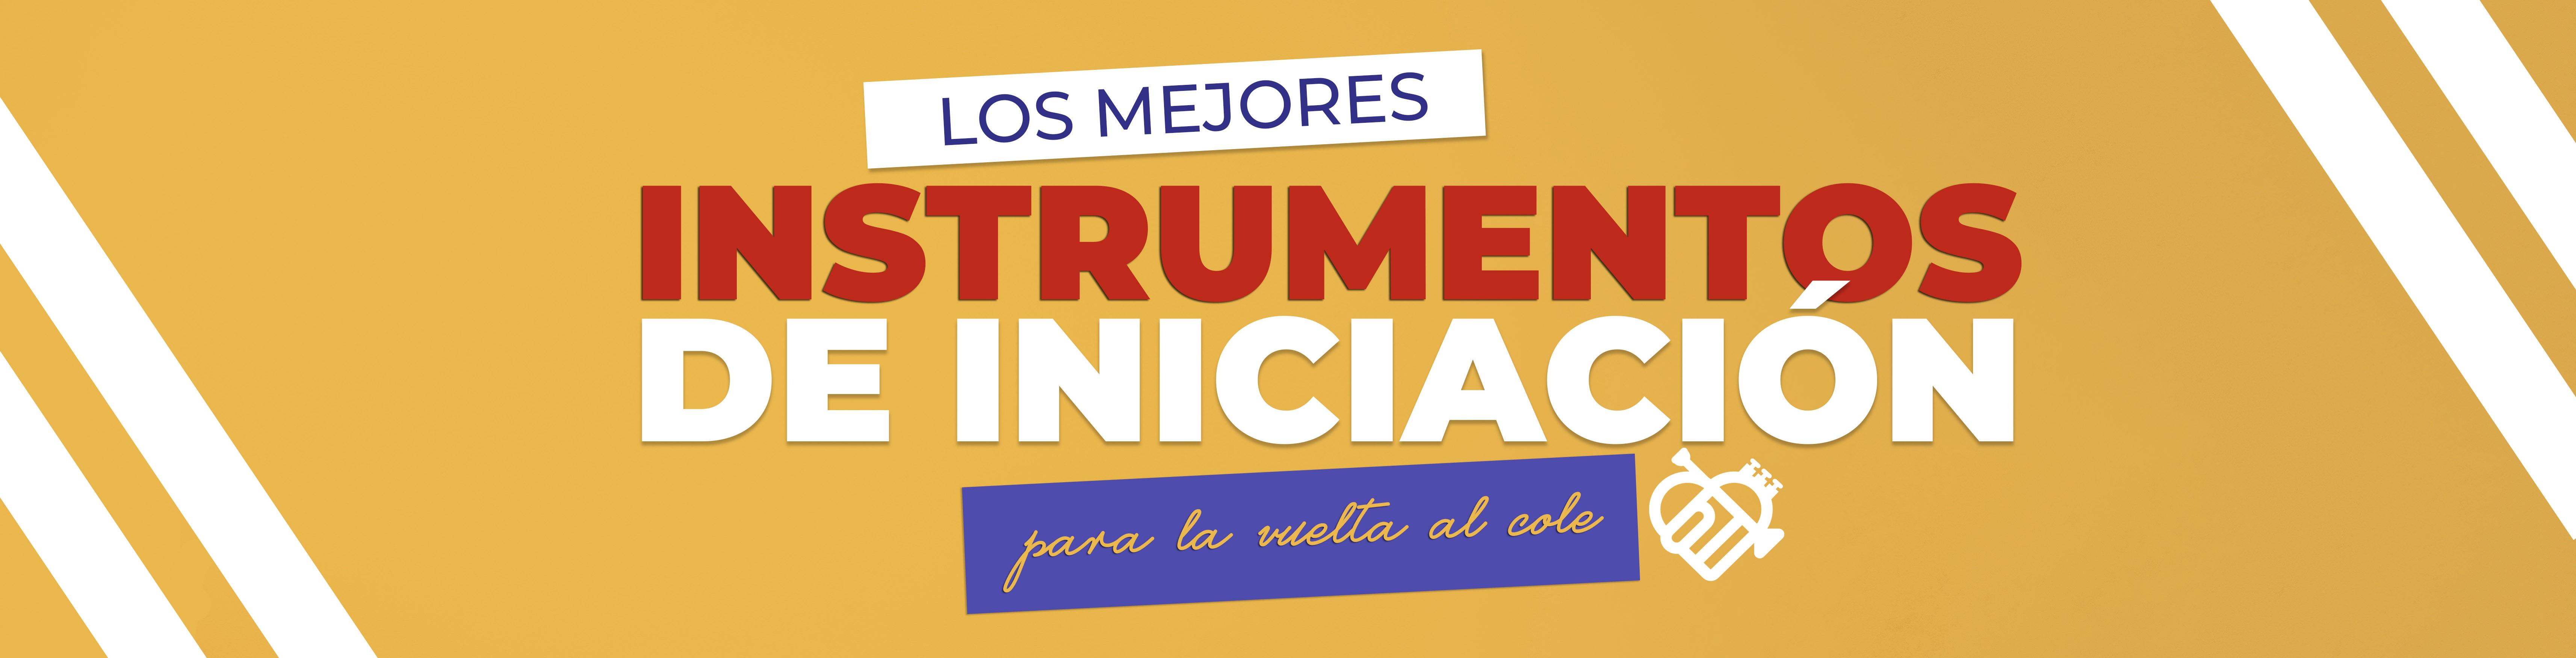 Banner Los mejores Instrumentos iniciaci